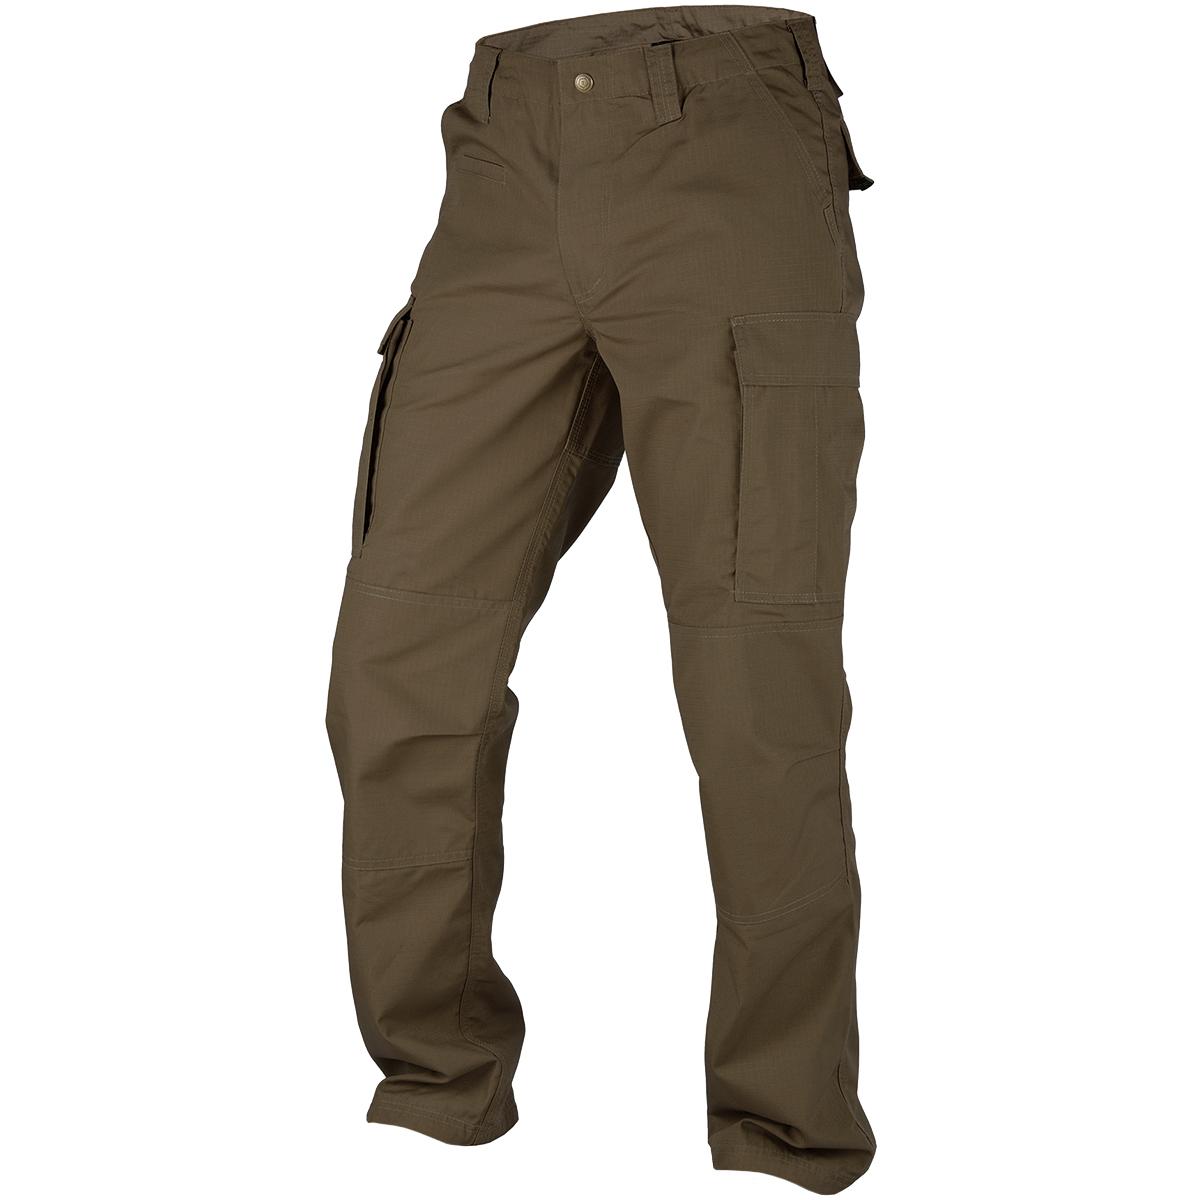 857697ab4aceb0 Sentinel Pentagon BDU 2.0 Pants Urban Combat Hunting Ripstop Mens Trousers  Terra Brown